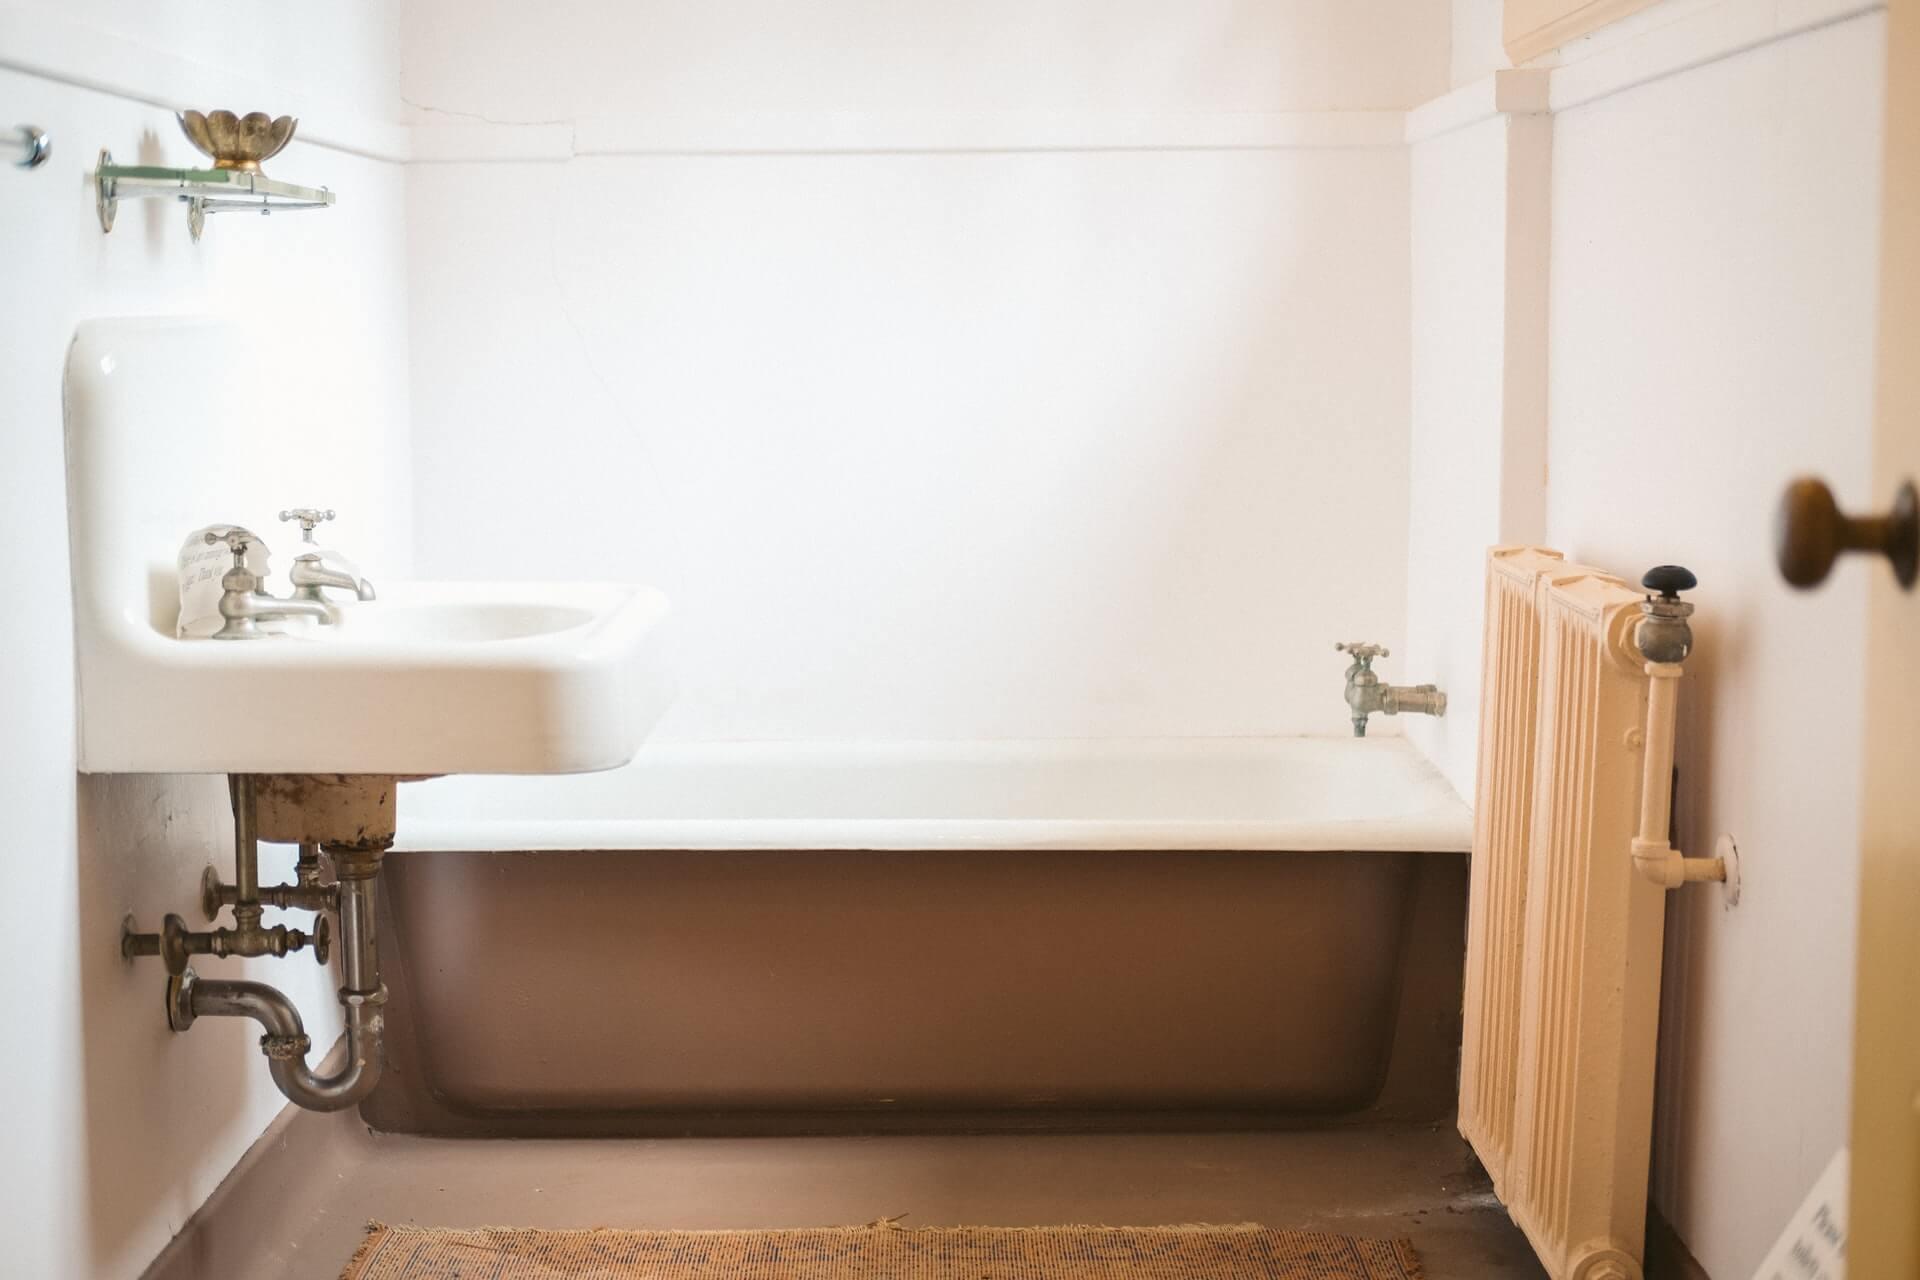 お風呂の床掃除は重曹とクエン酸が良いの?使用上の注意点も紹介